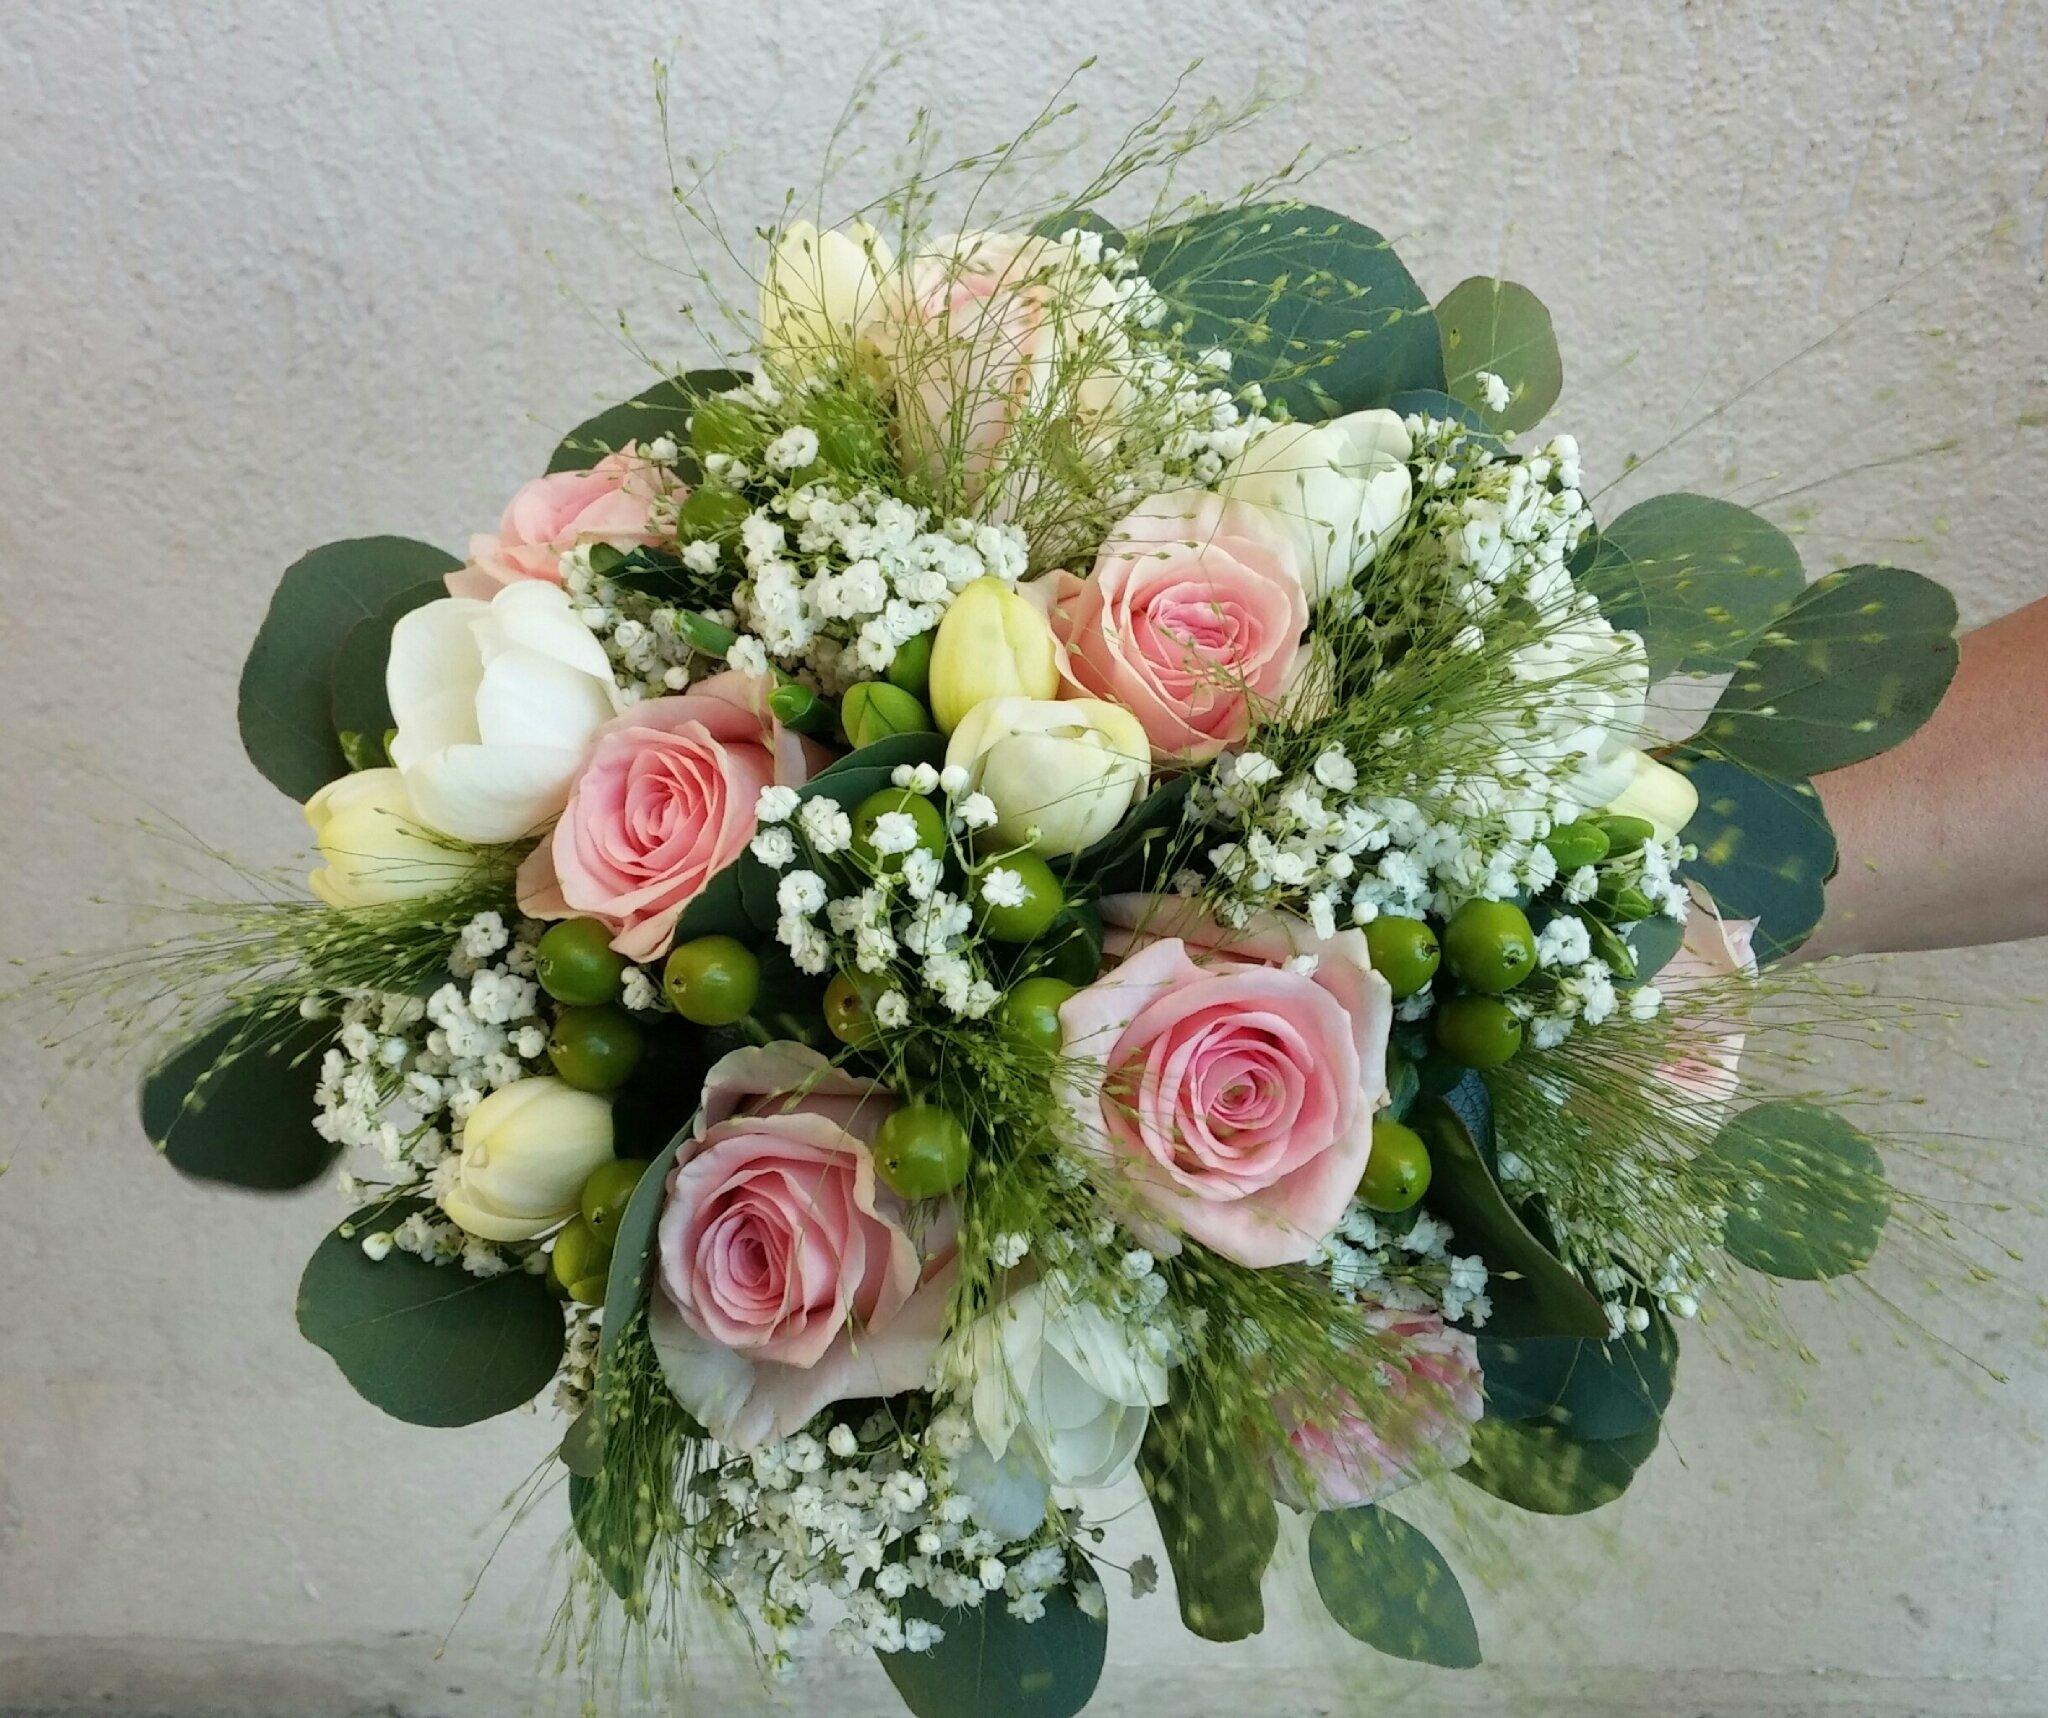 Bouquet de mariee flore et sens 74 - Bouquet mariee rose ...